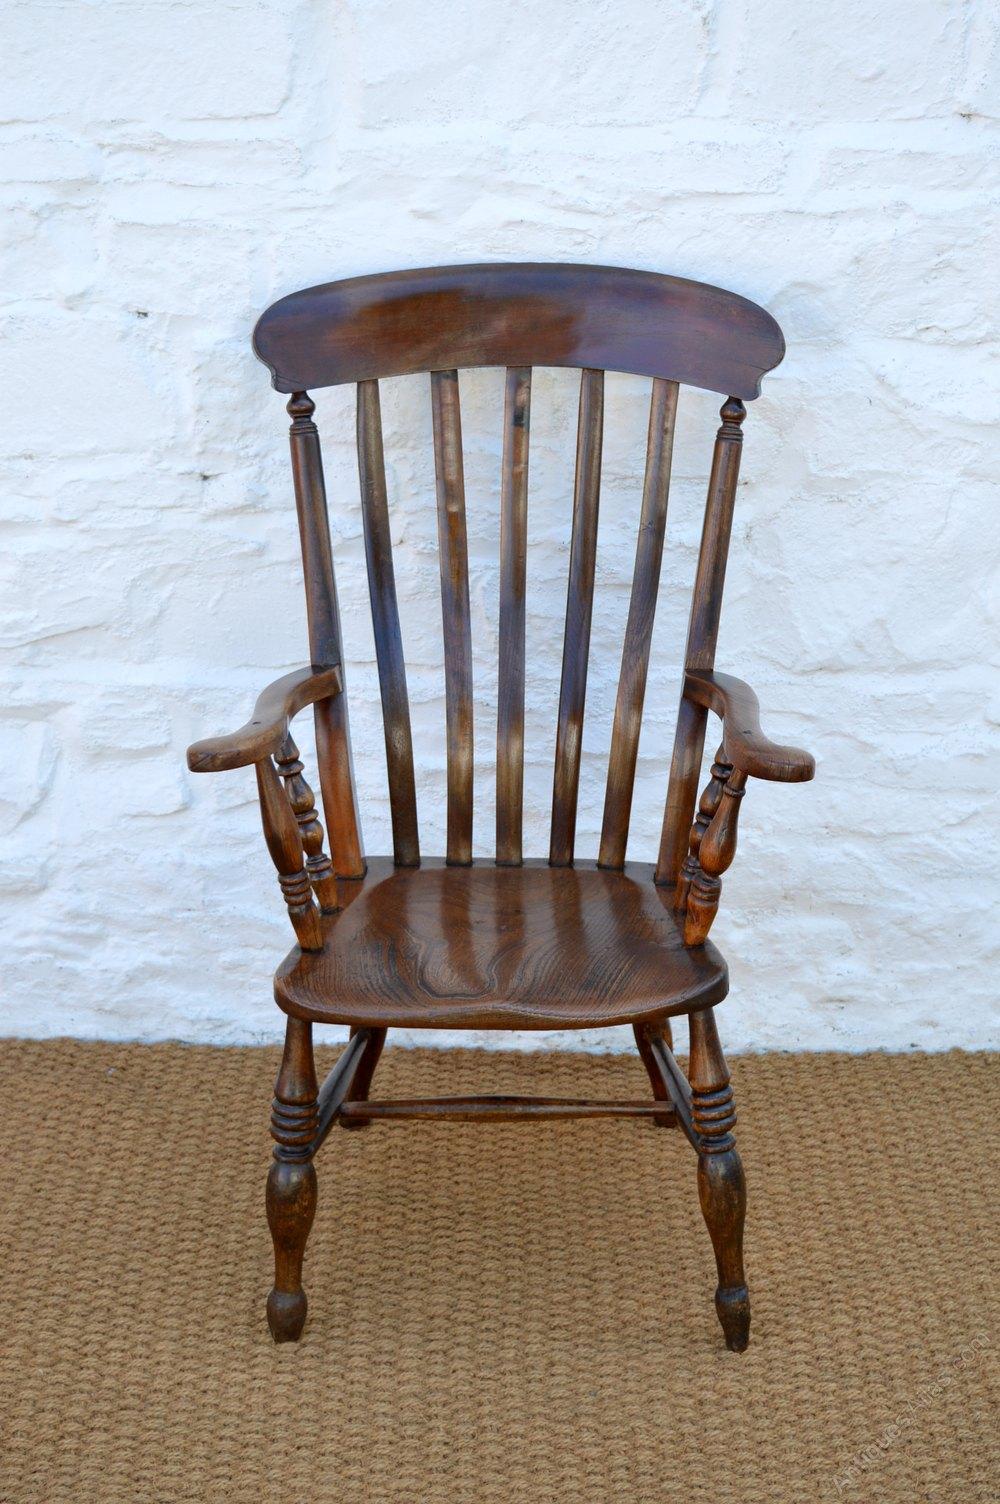 Victorian Welsh Farmhouse Armchair Antique Farmhouse Chairs ... - Victorian Welsh Farmhouse Armchair - Antiques Atlas